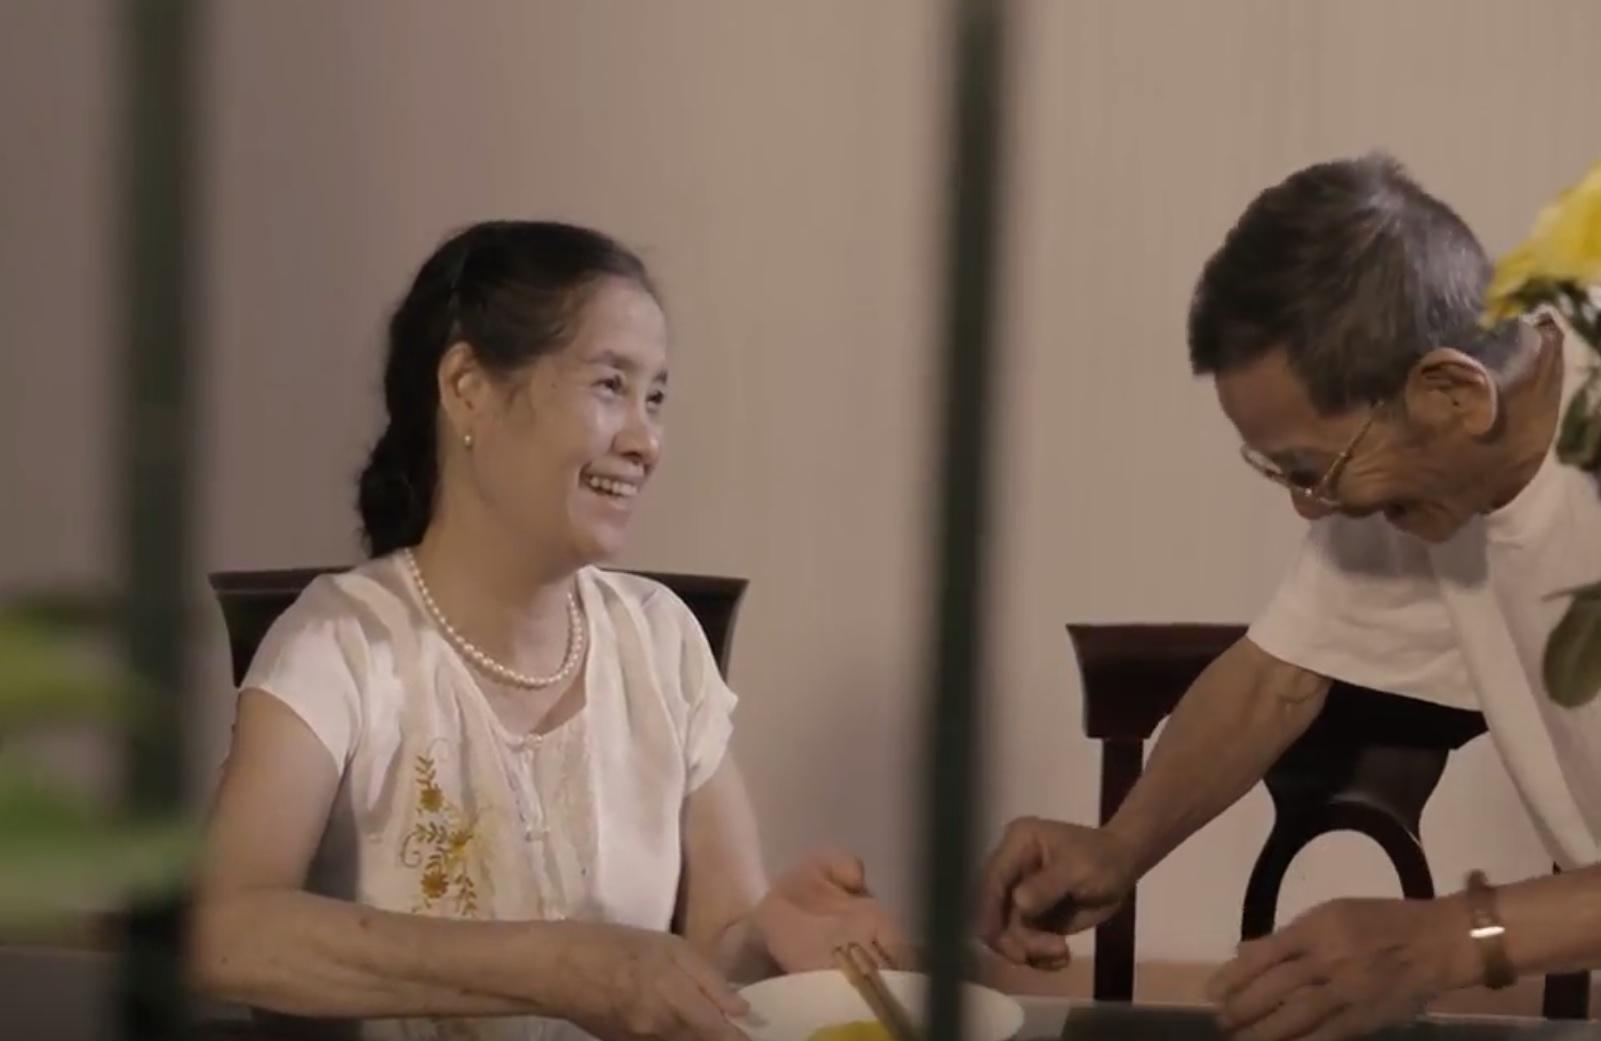 Clip tình yêu lấy nước mắt người xem: Yêu không nhất thiết phải ở bên nhau trọn đời - Ảnh 4.